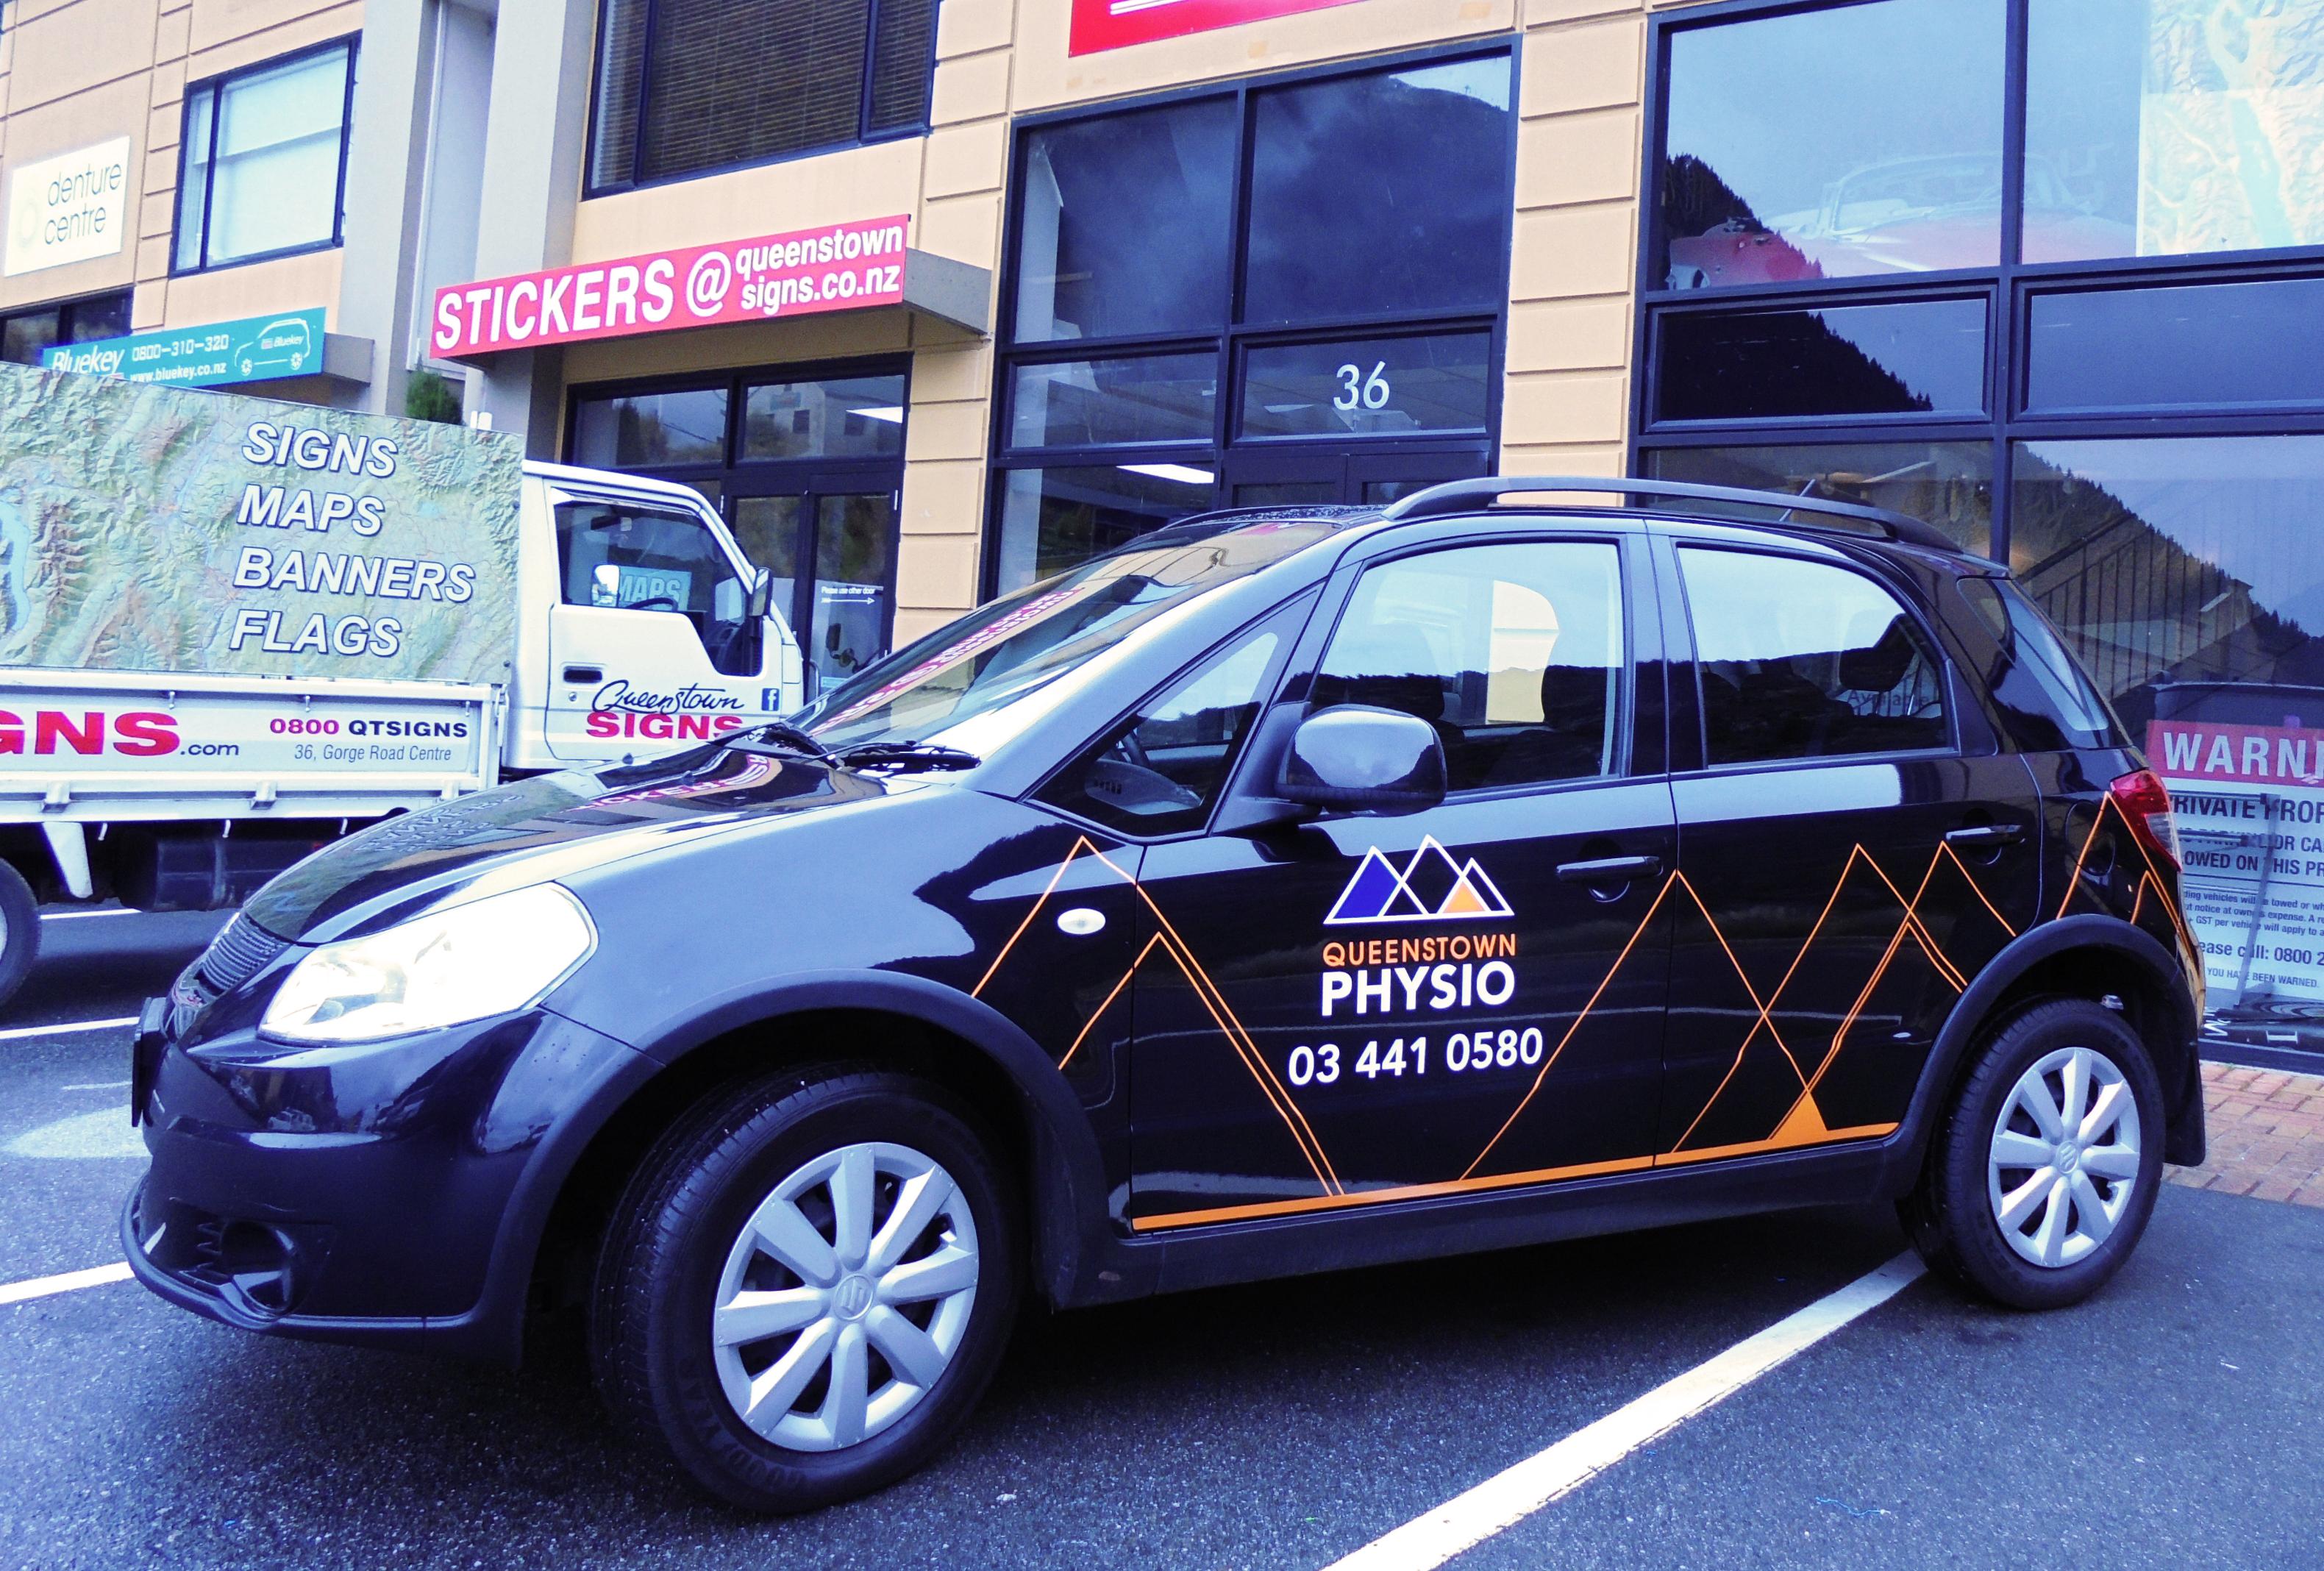 QT Physio Car